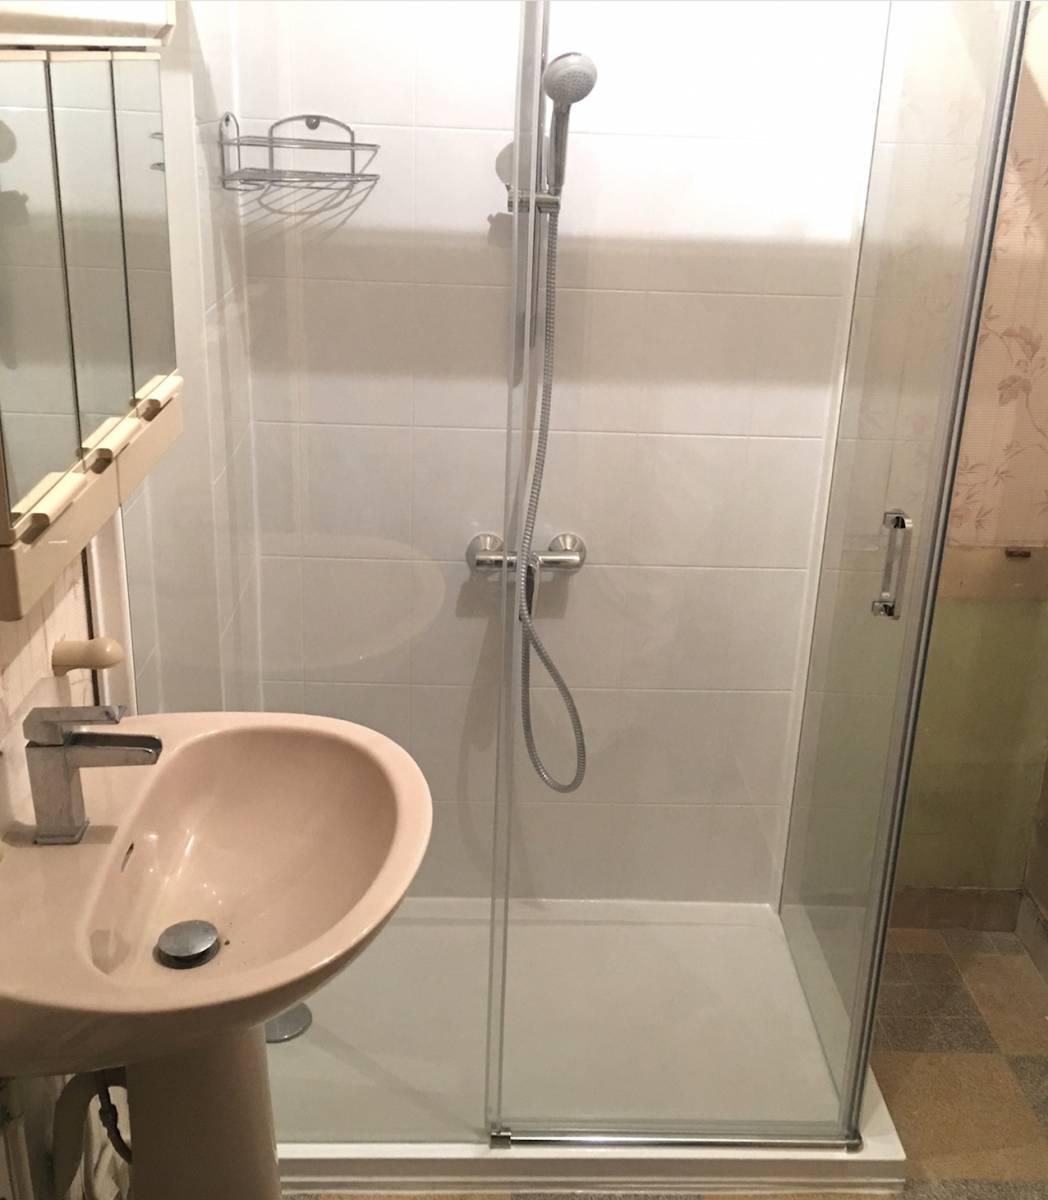 douche s curis e qui tude id ale pour remplacer votre baignoire douche modul 39 eau. Black Bedroom Furniture Sets. Home Design Ideas